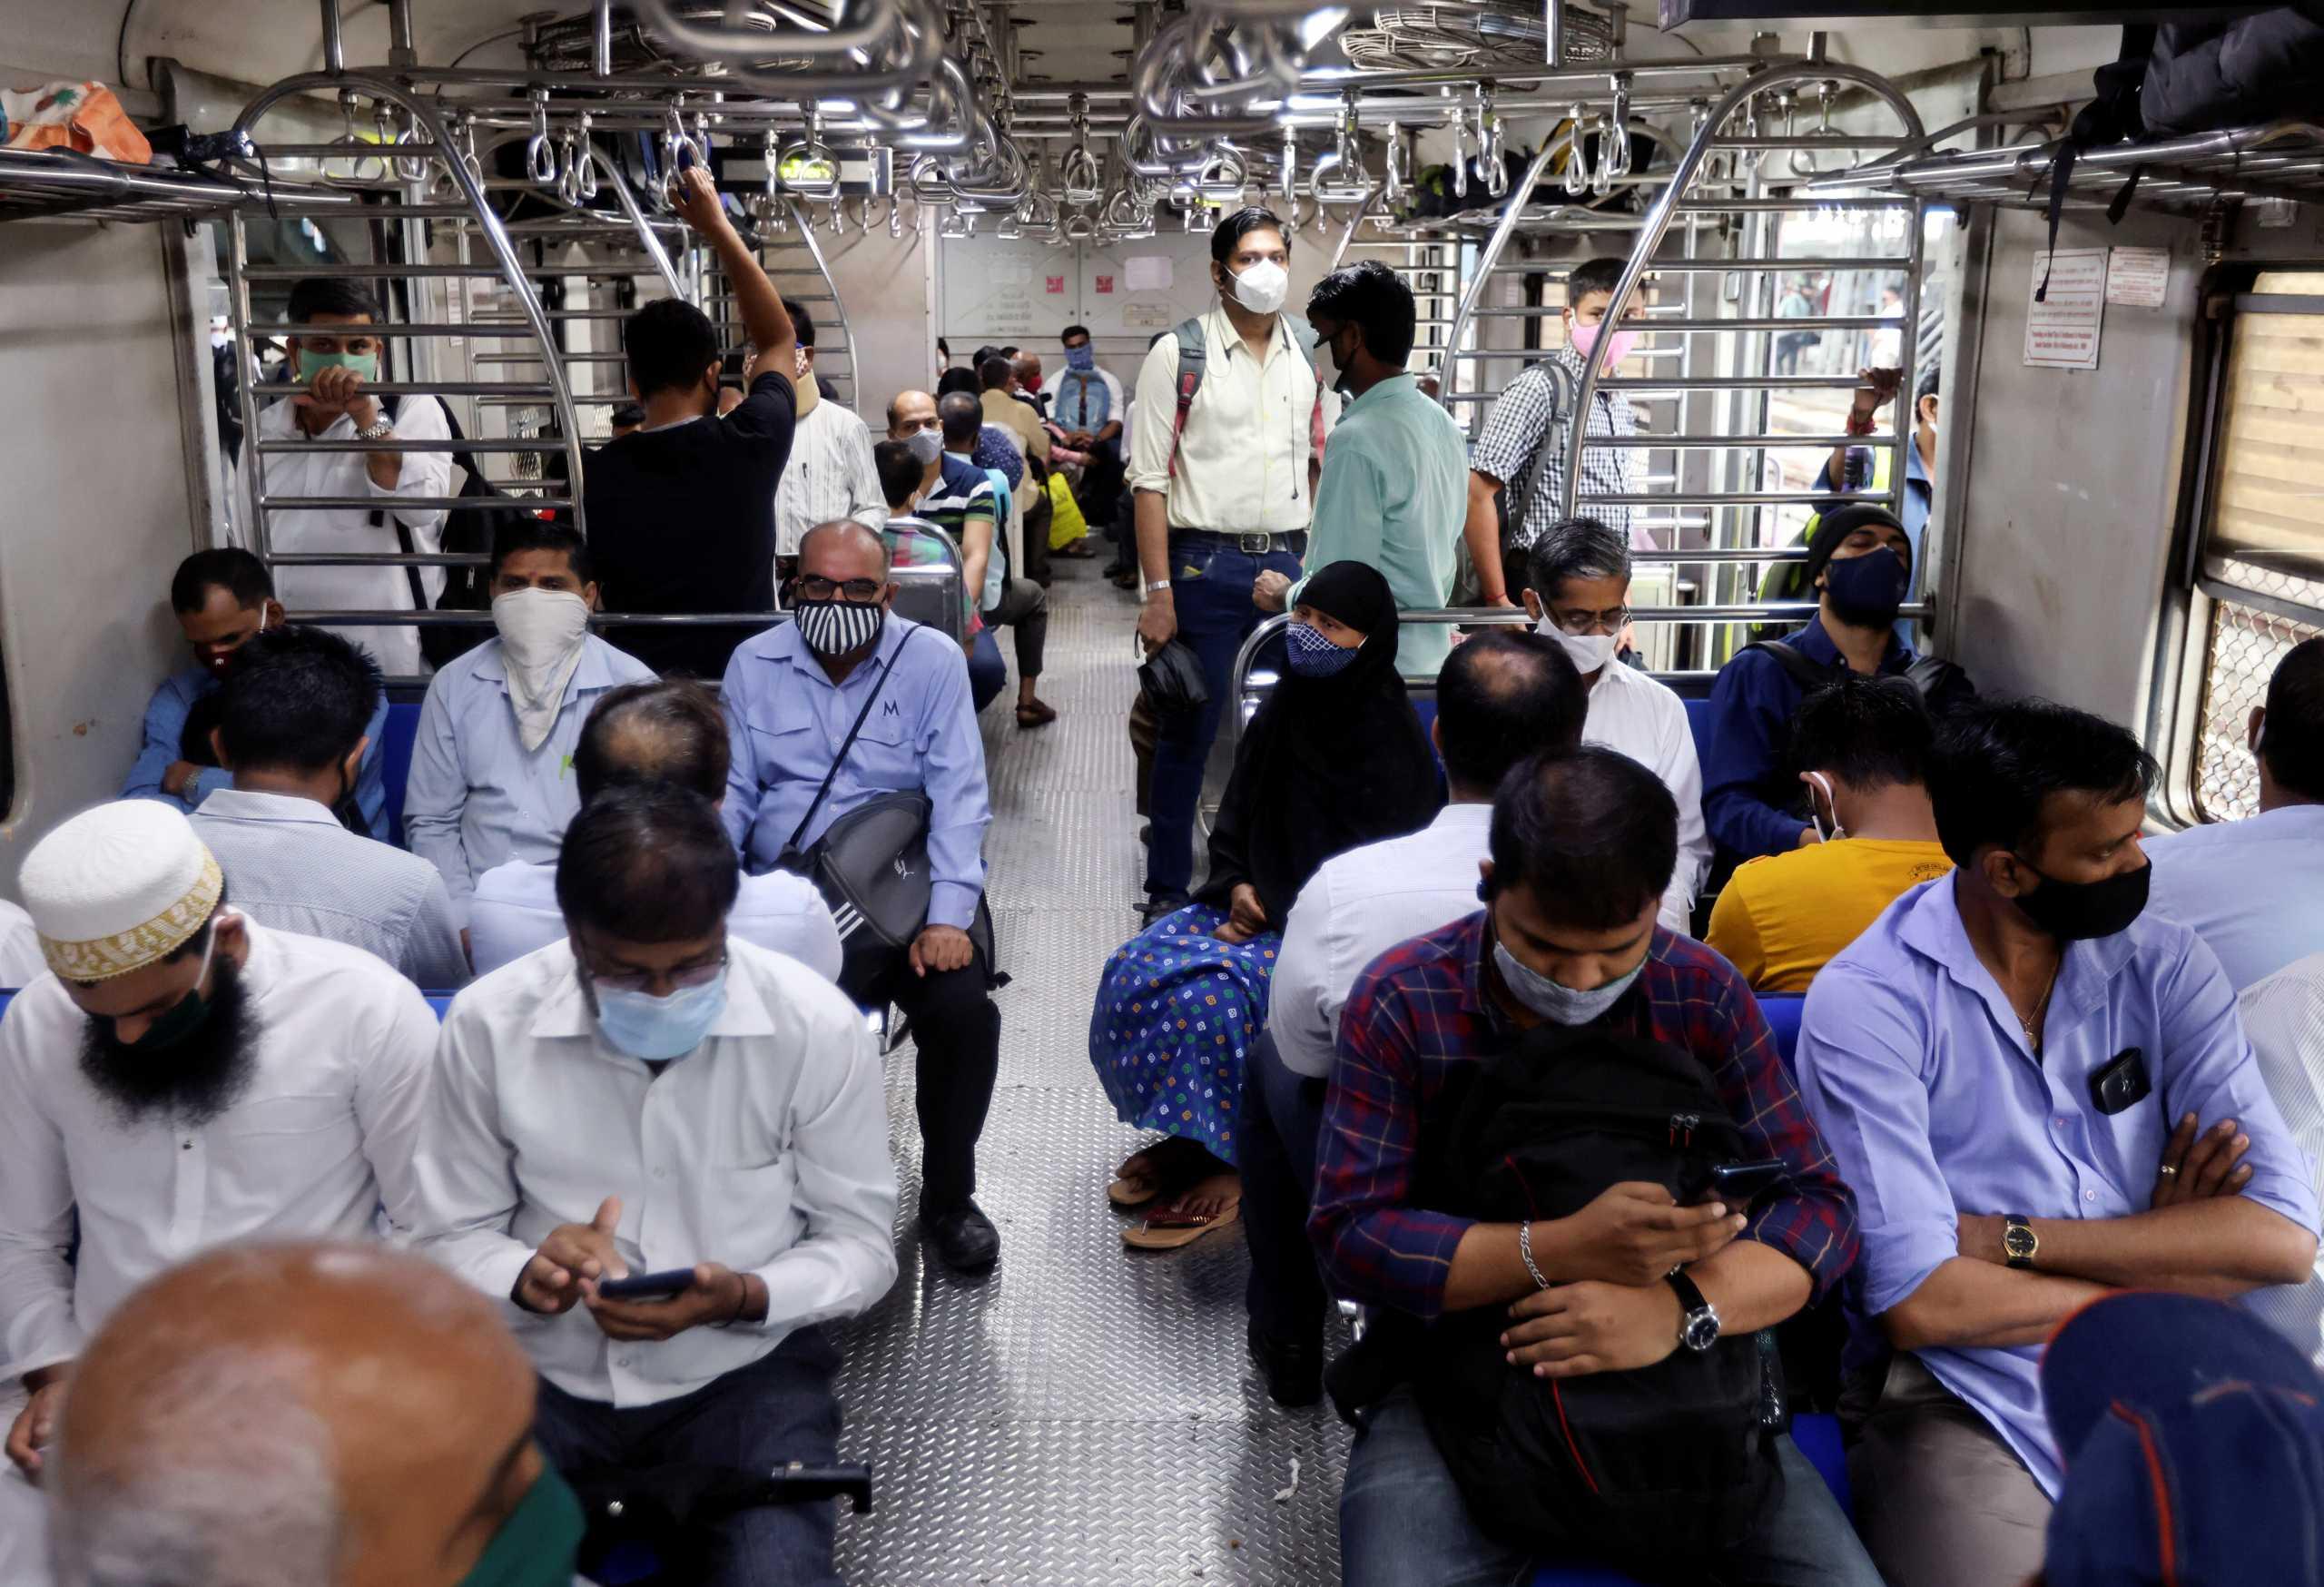 Ο κορονοϊός συνεχίζει να «σφυροκοπά» την Ινδία: 350 νεκροί και 30.941 κρούσματα